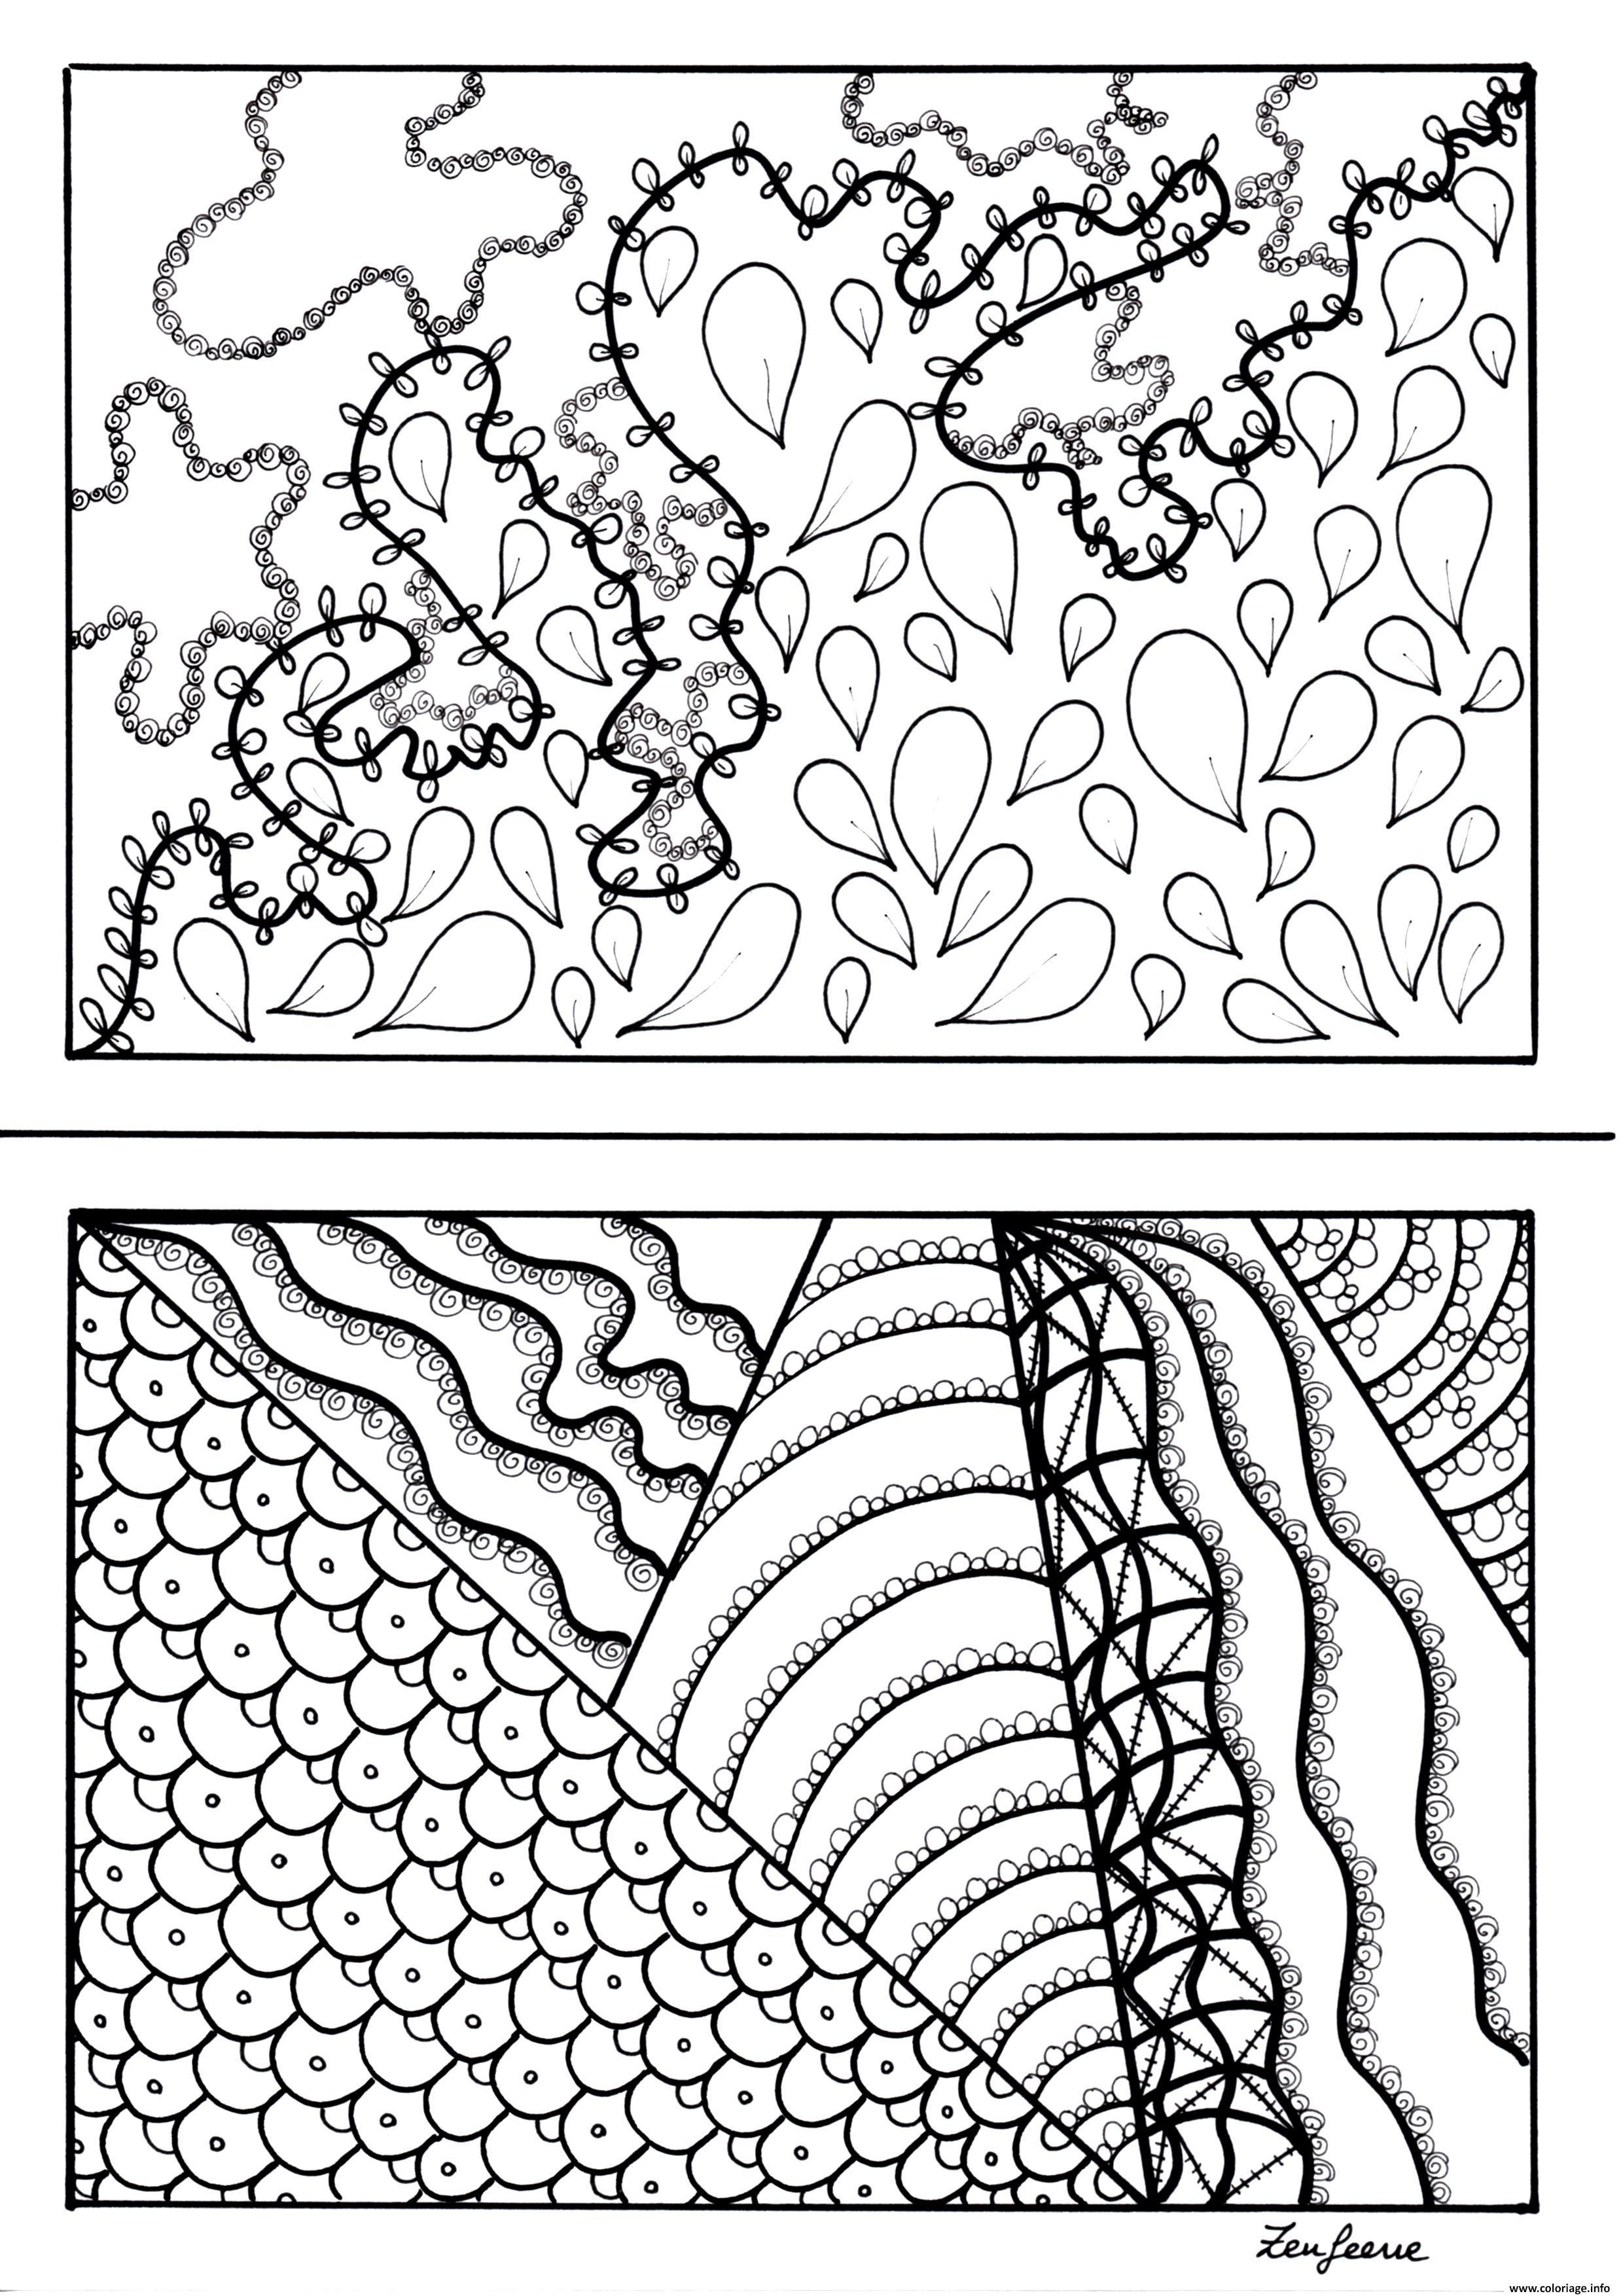 Dessin adulte imaginationa5 by zenfeerie Coloriage Gratuit à Imprimer